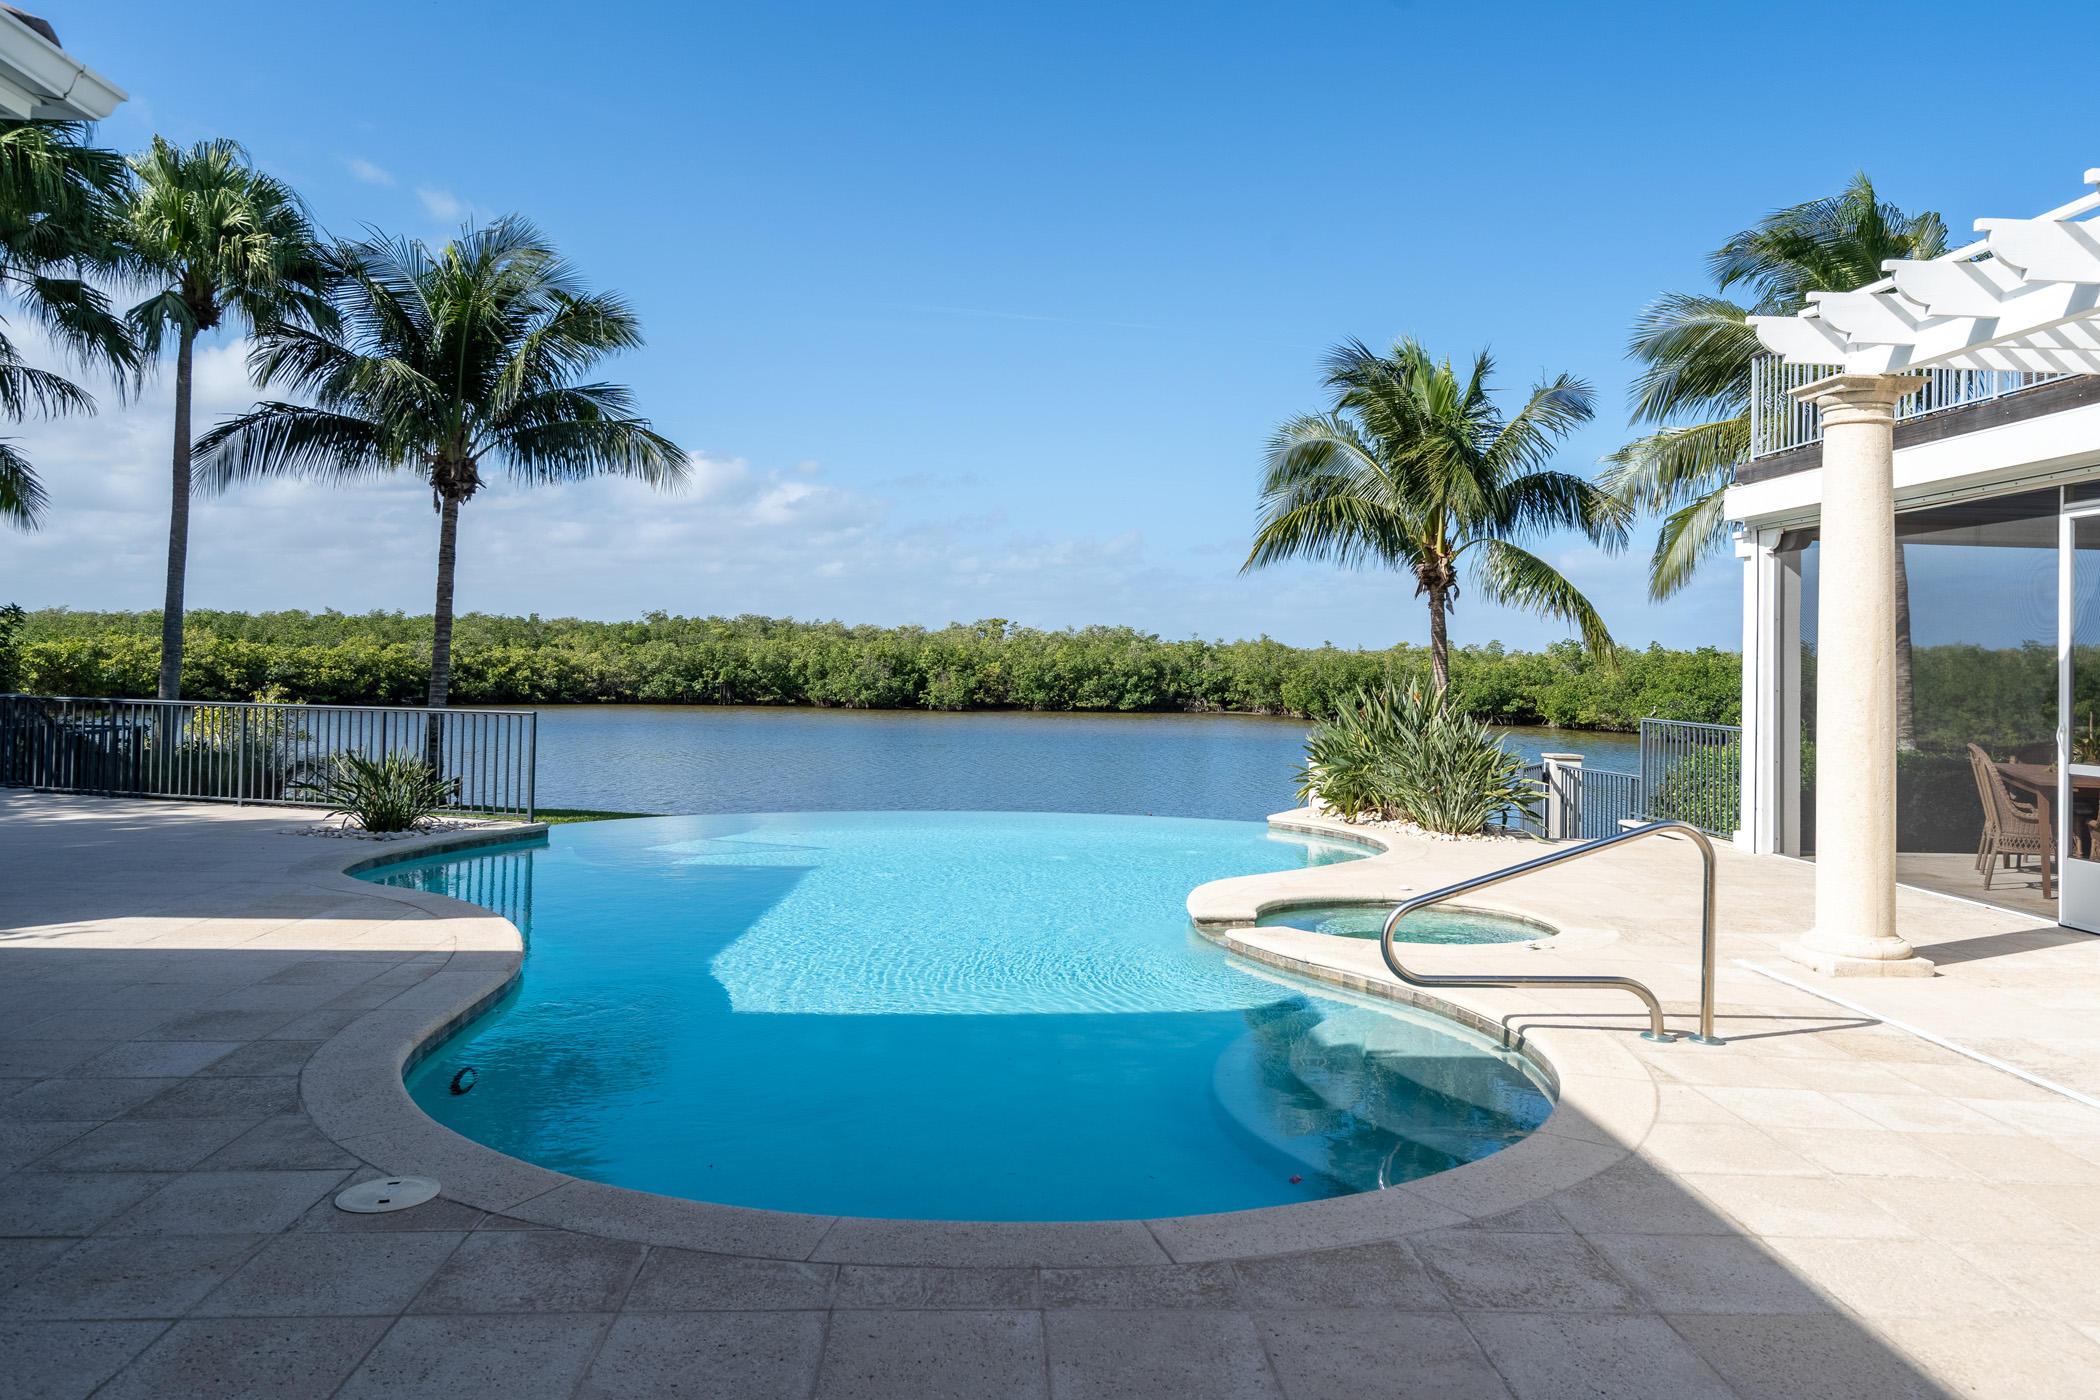 Details for 535 White Pelican Circle, Vero Beach, FL 32963